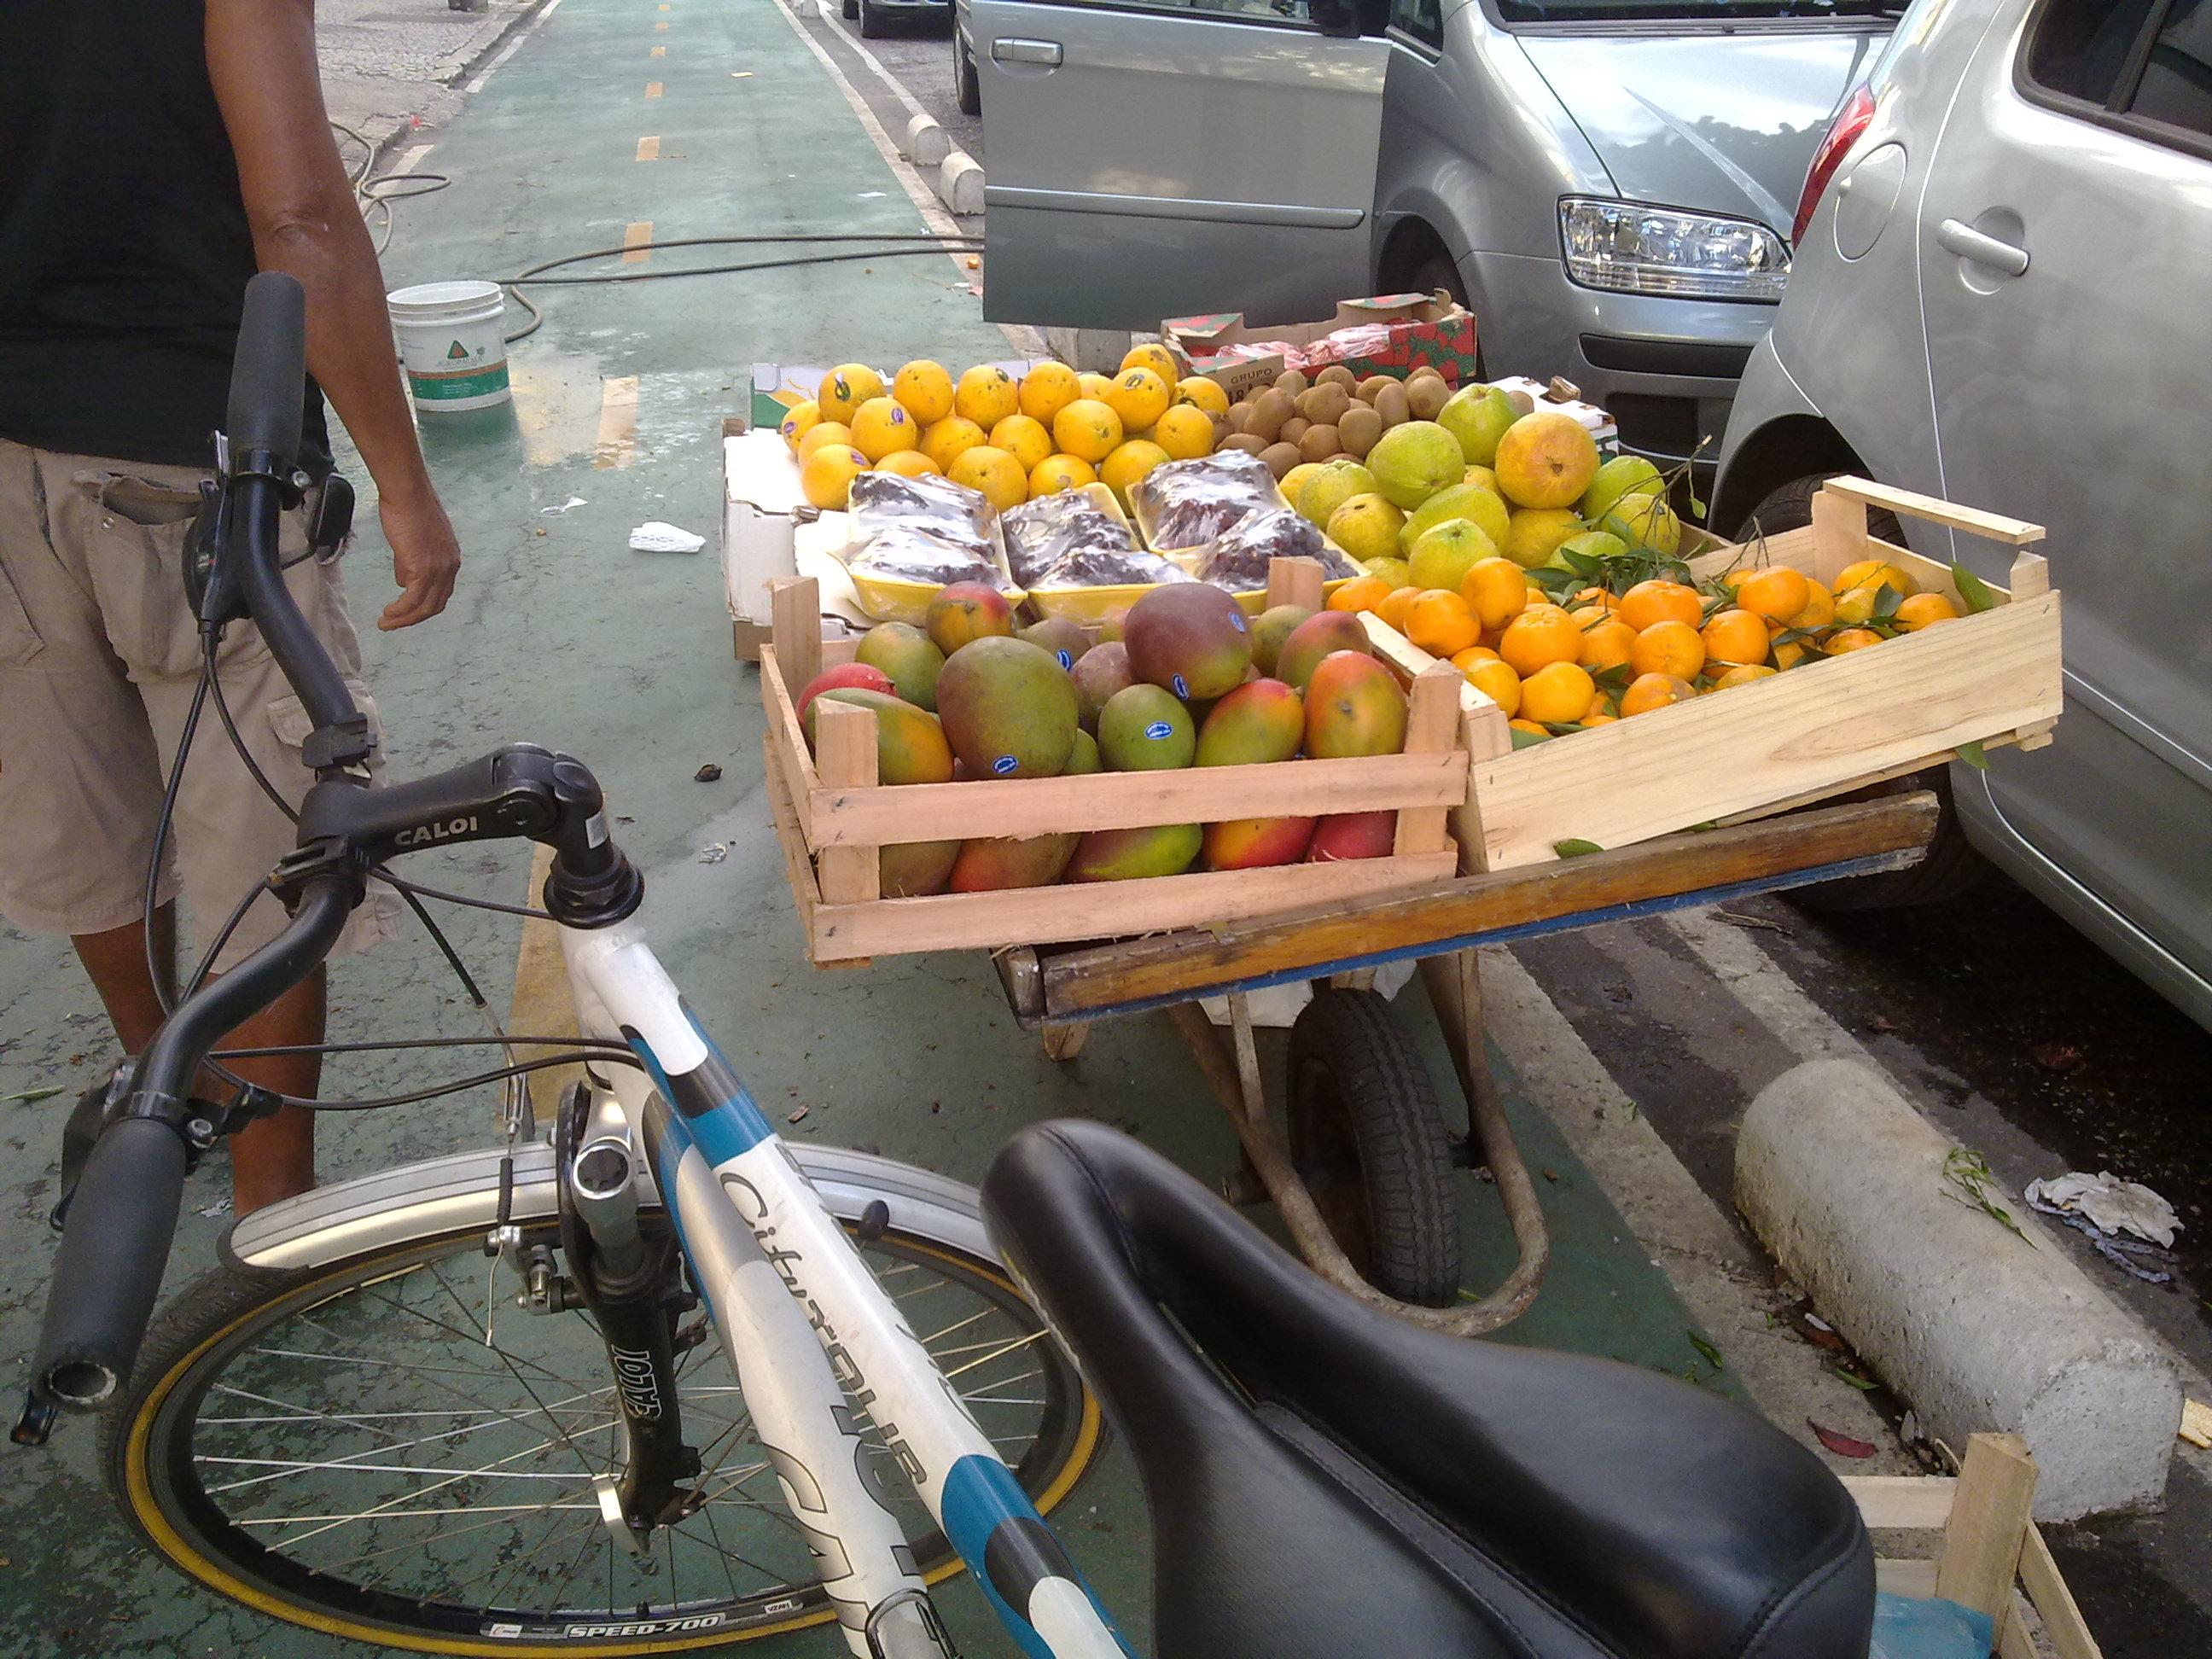 Afinal, não é bom pedalar e também fazer a feira?